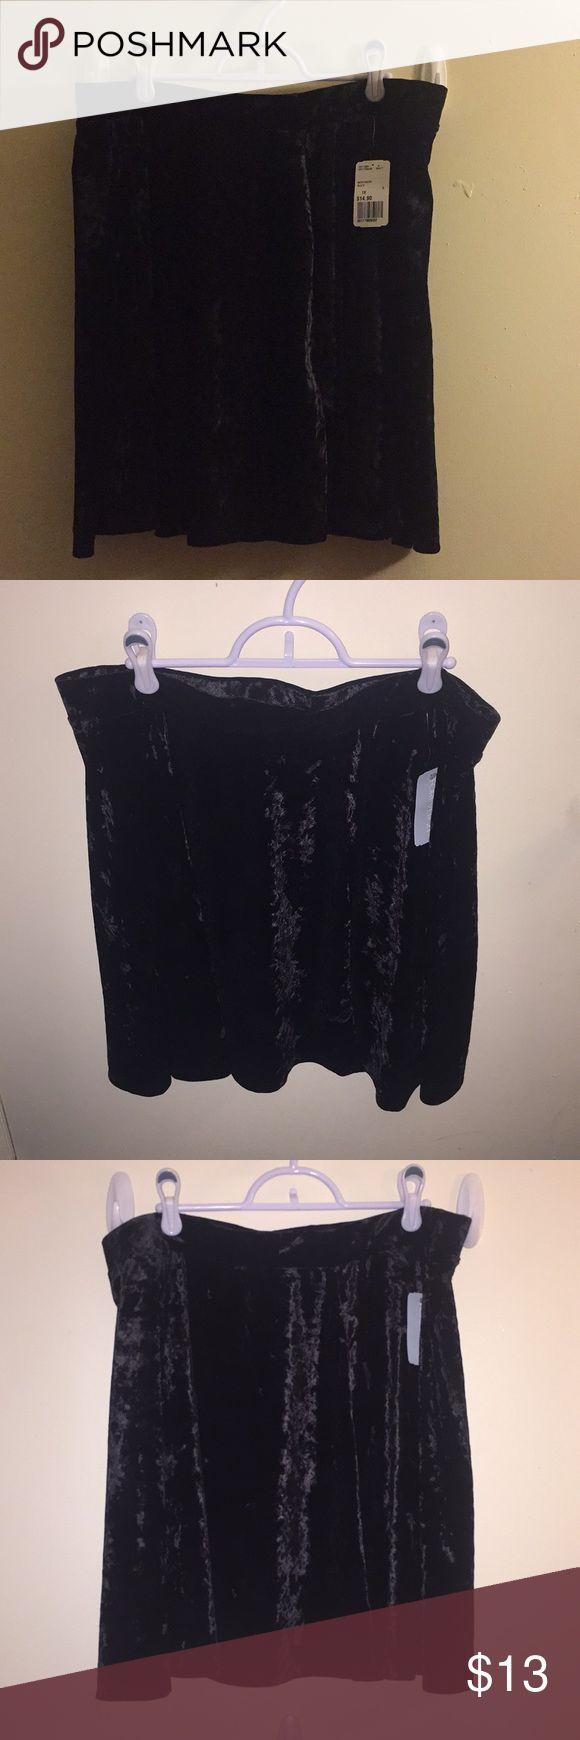 Forever 21 Plus - Black Velvet Skater Skirt Never been worn and still contains tag. Skirt is a soft velvet fabric, flows in the style of skater skirt. Forever 21 Skirts Mini